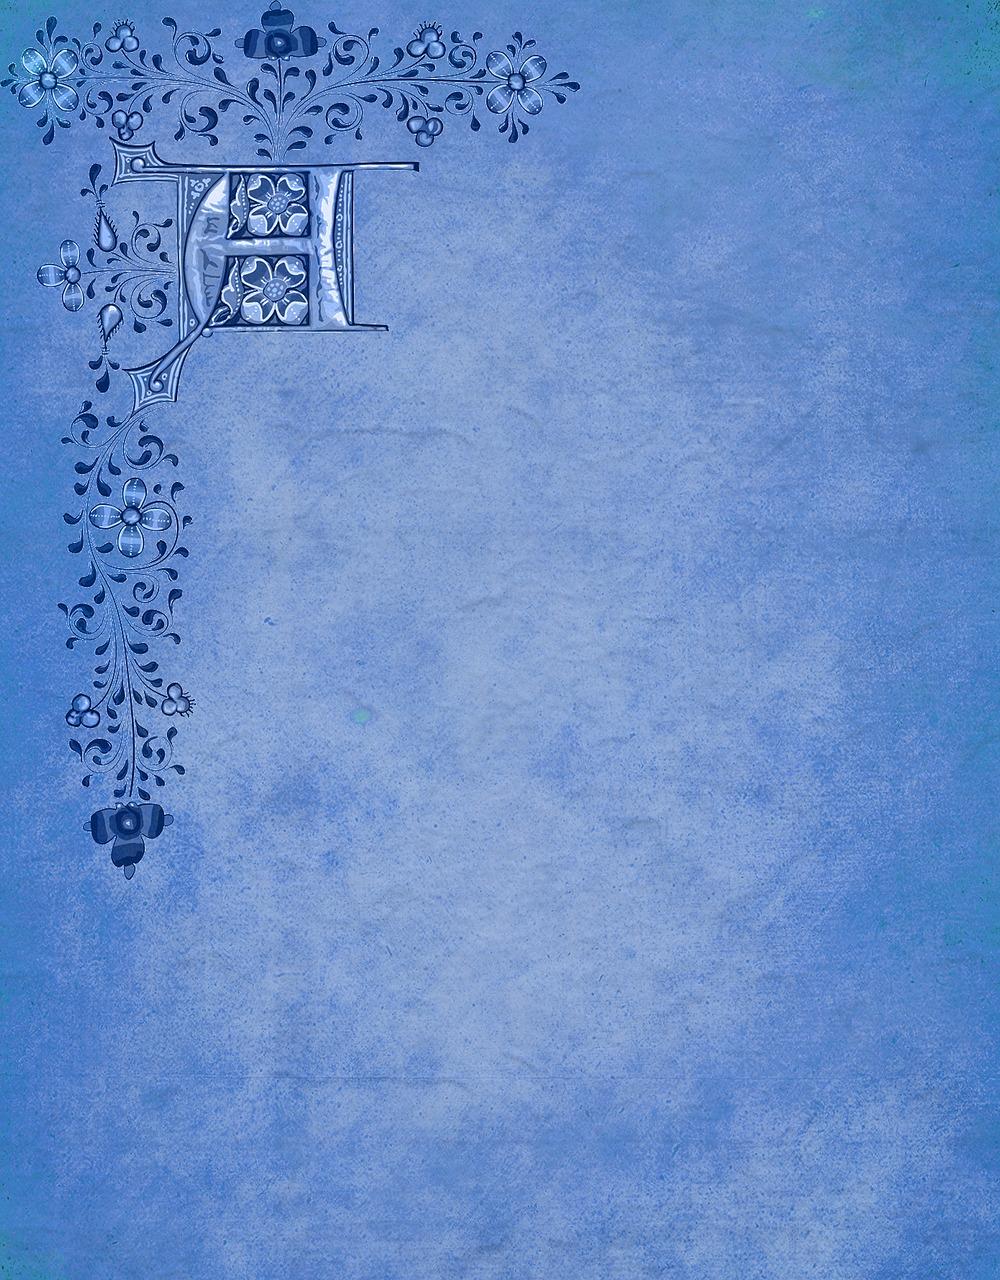 одна синий фон для поздравления мужчине сыворотка